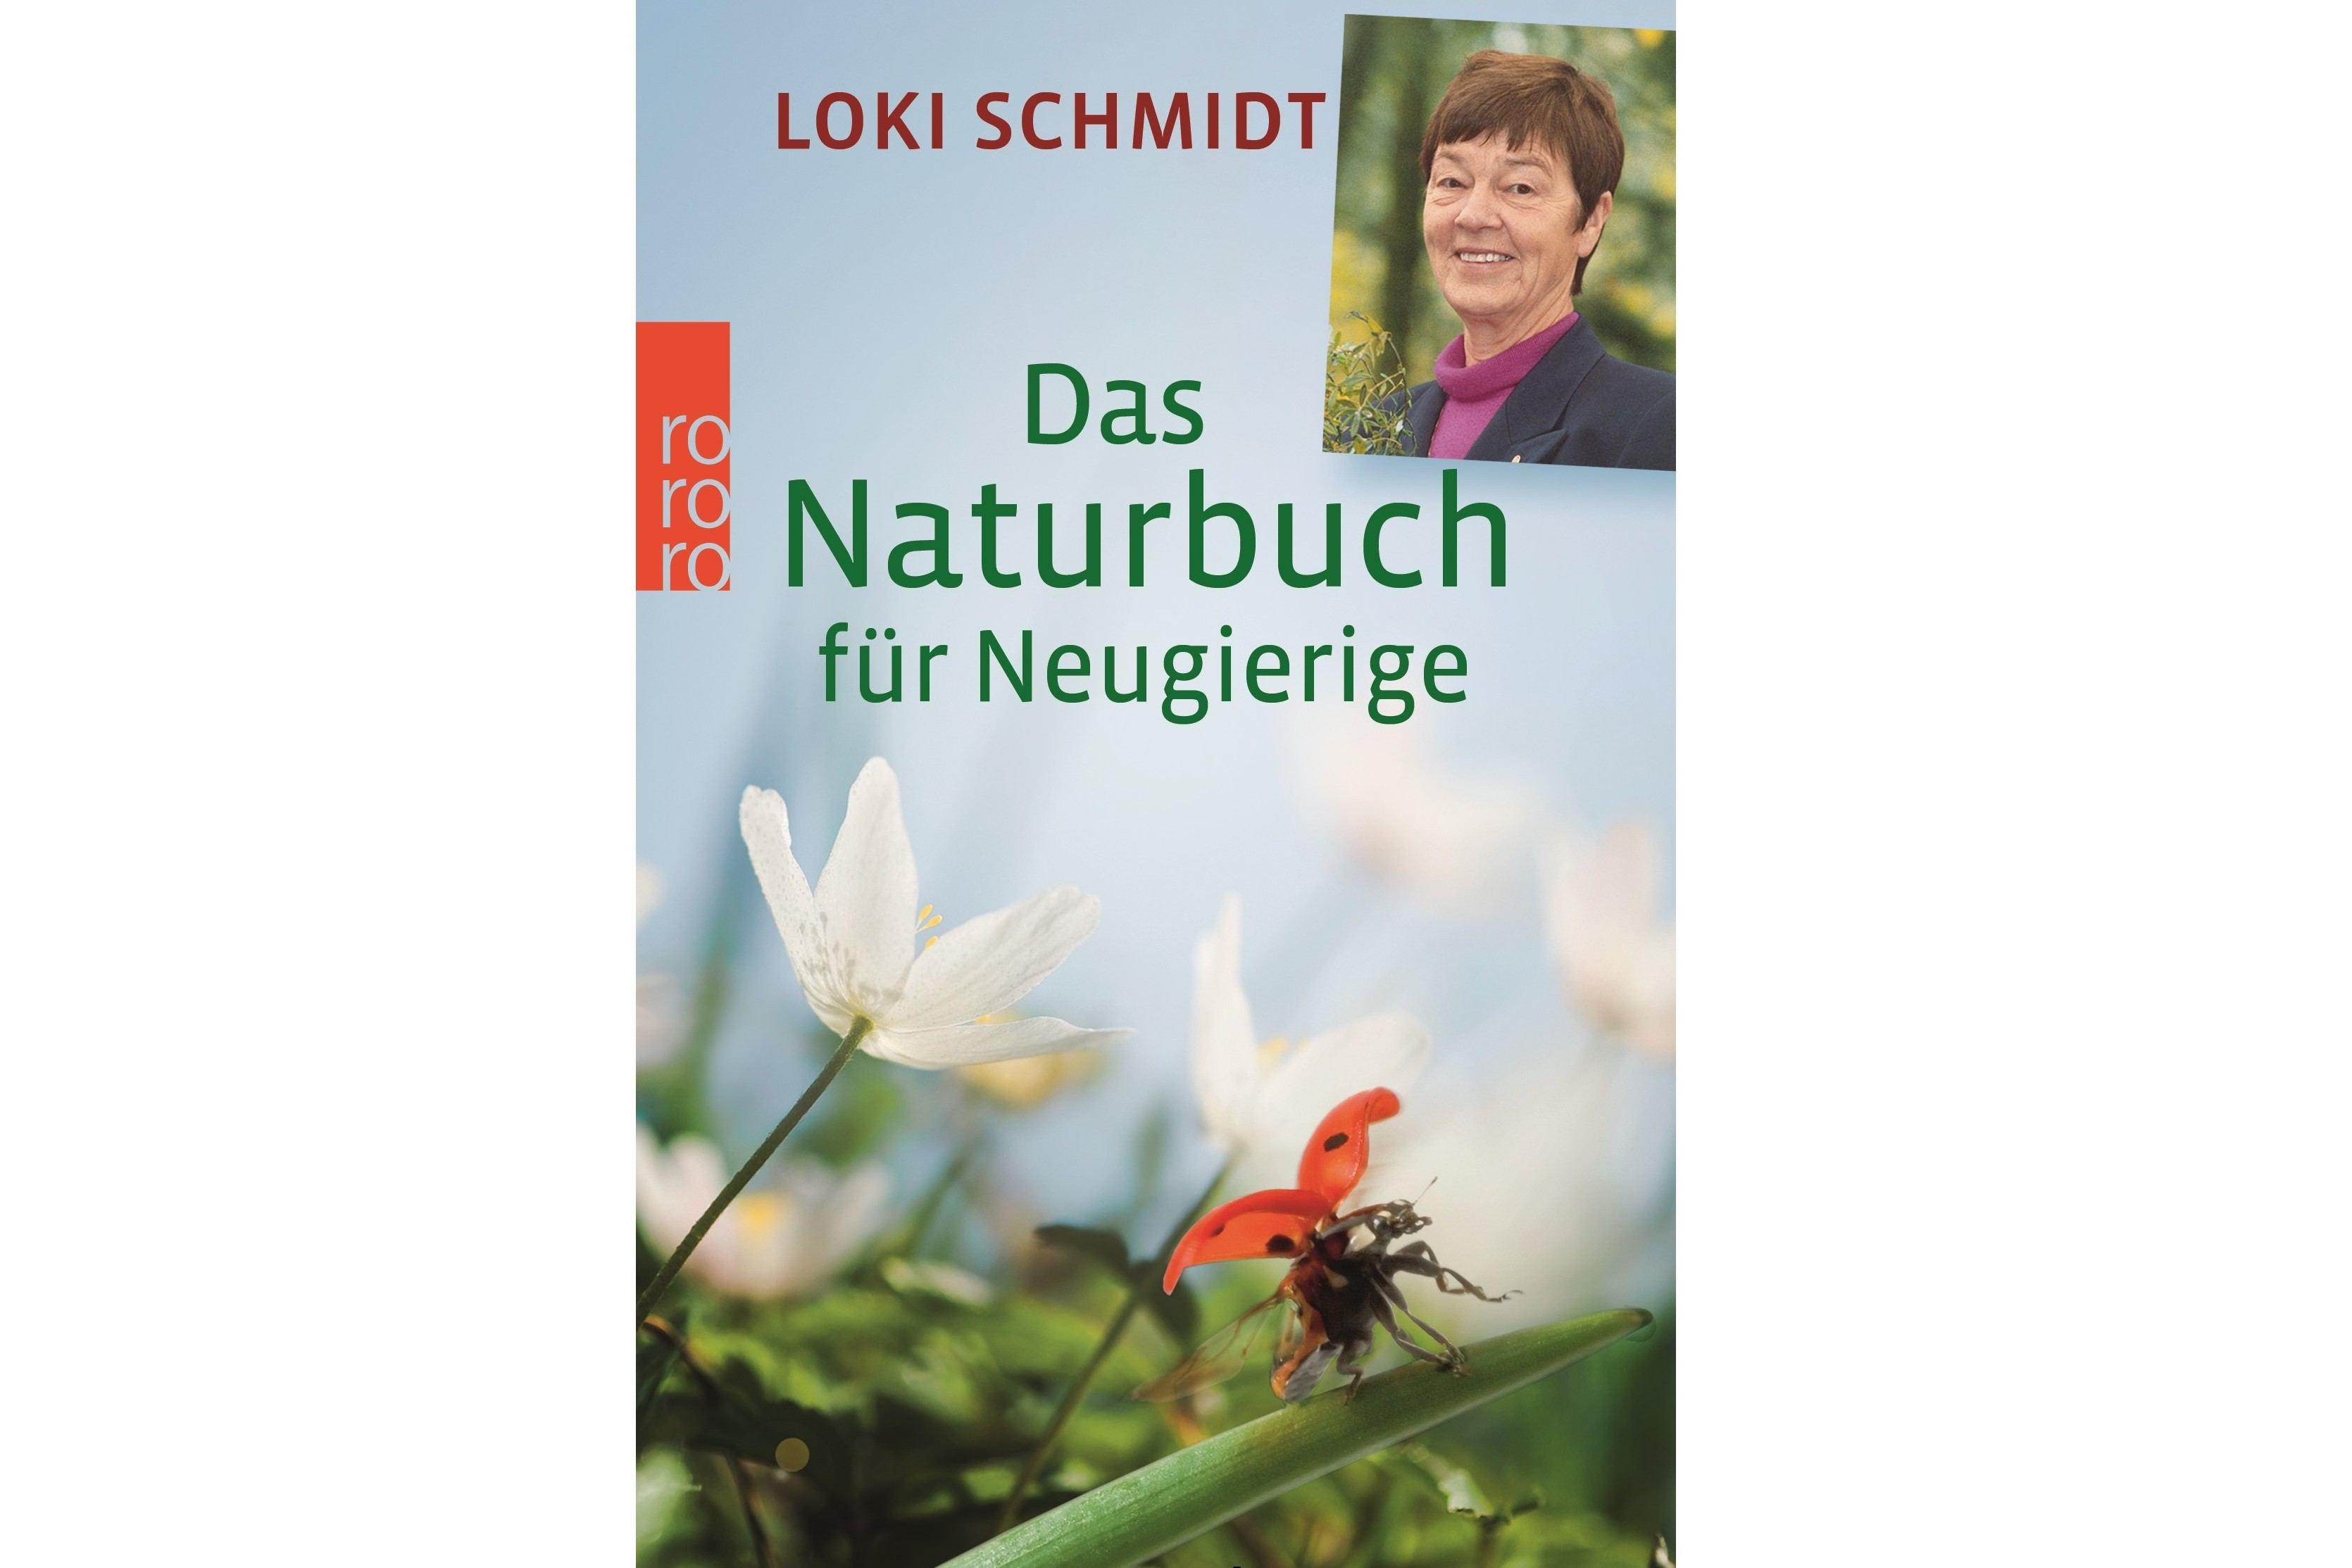 Loki Schmidt und Lothar Frenz schreiben eine Einführung in die Natur: Das Naturbuch für Neugierige.